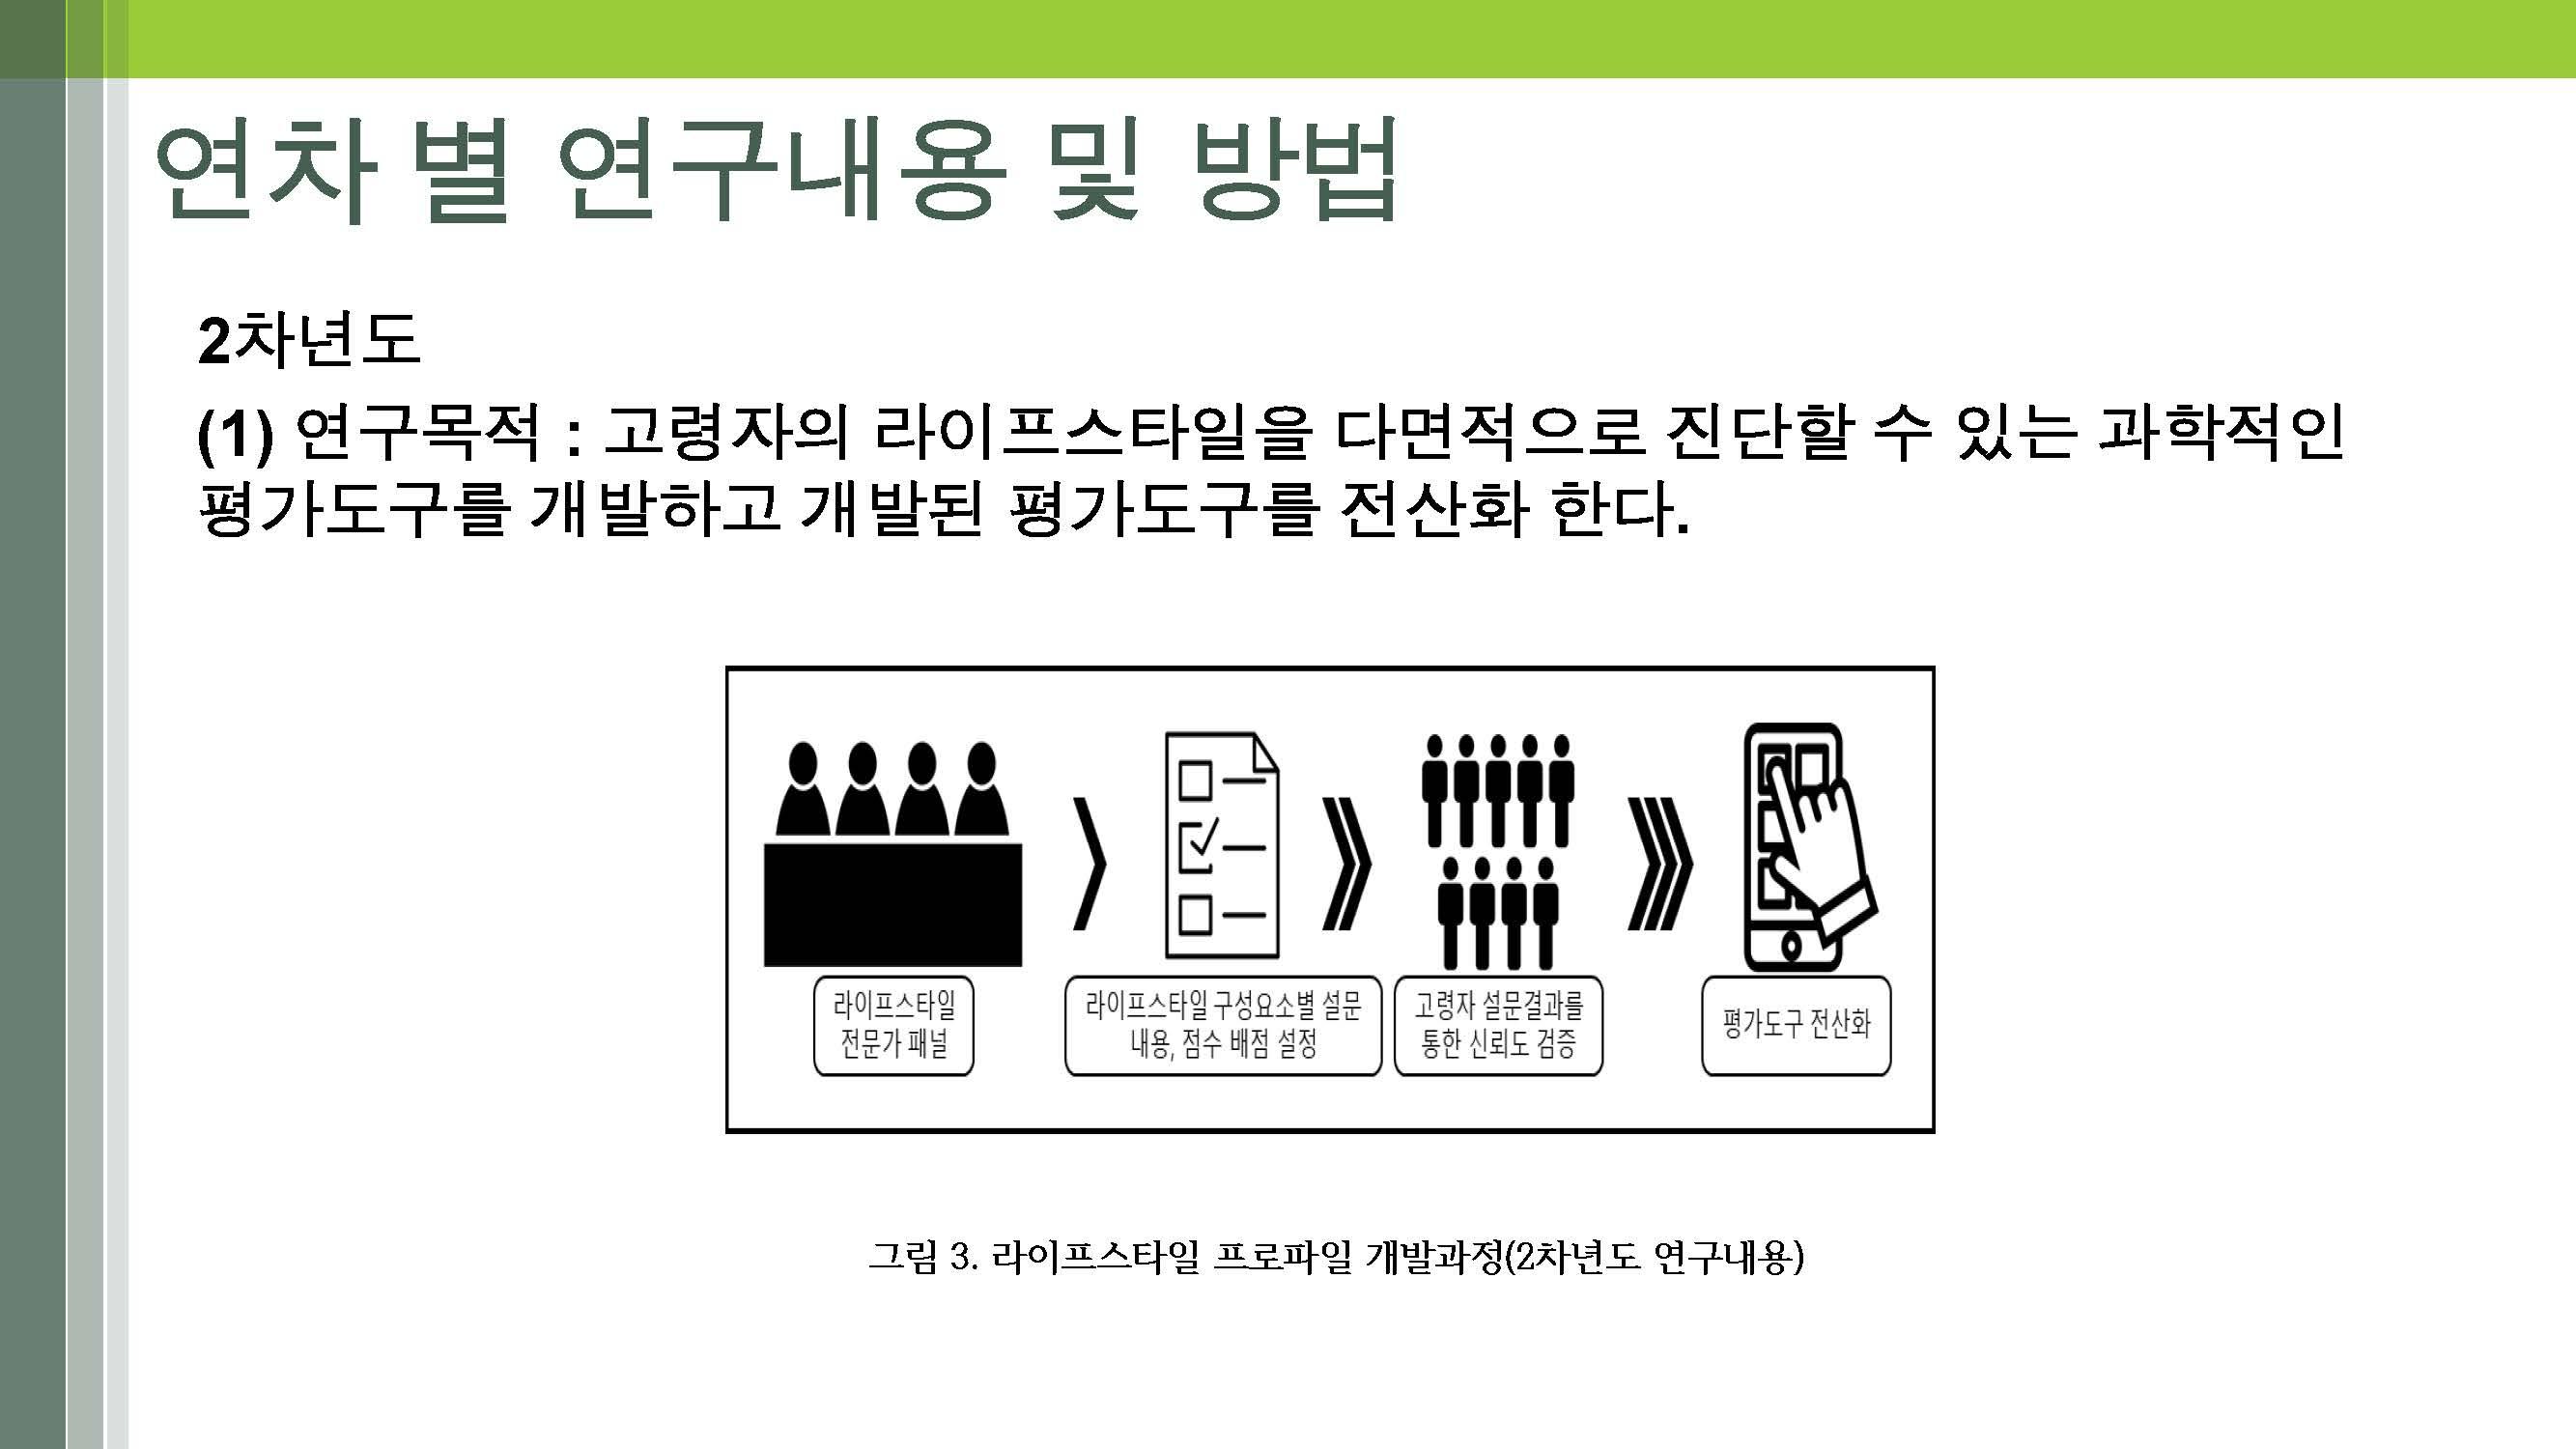 노인의 다면적 라이프스타일 개발(연세대-박지혁) (최종)_페이지_14